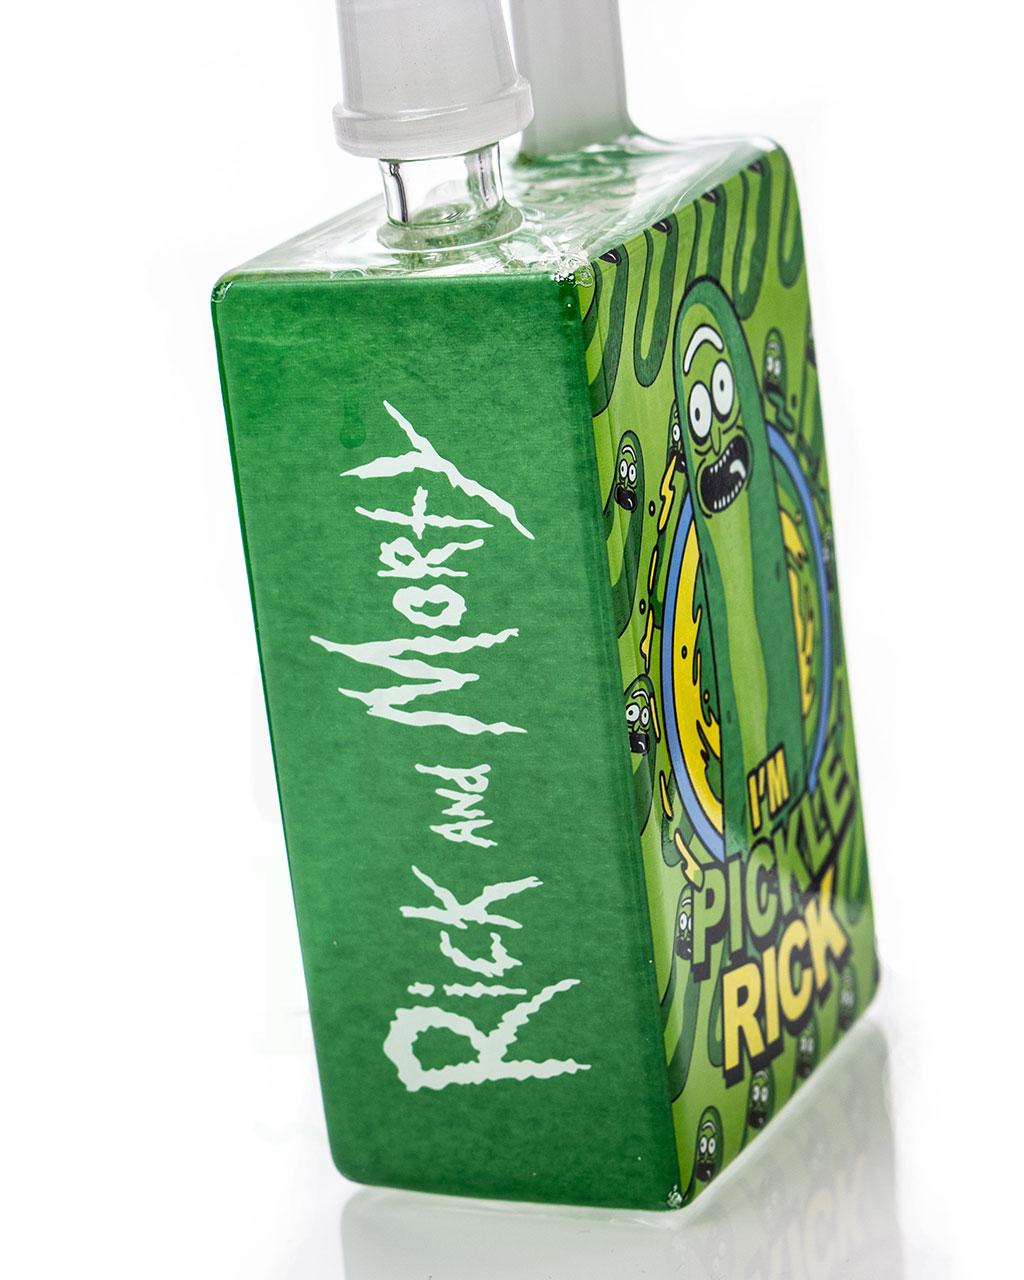 aus Glas Minibong 'Pickle Rick'   19 cm